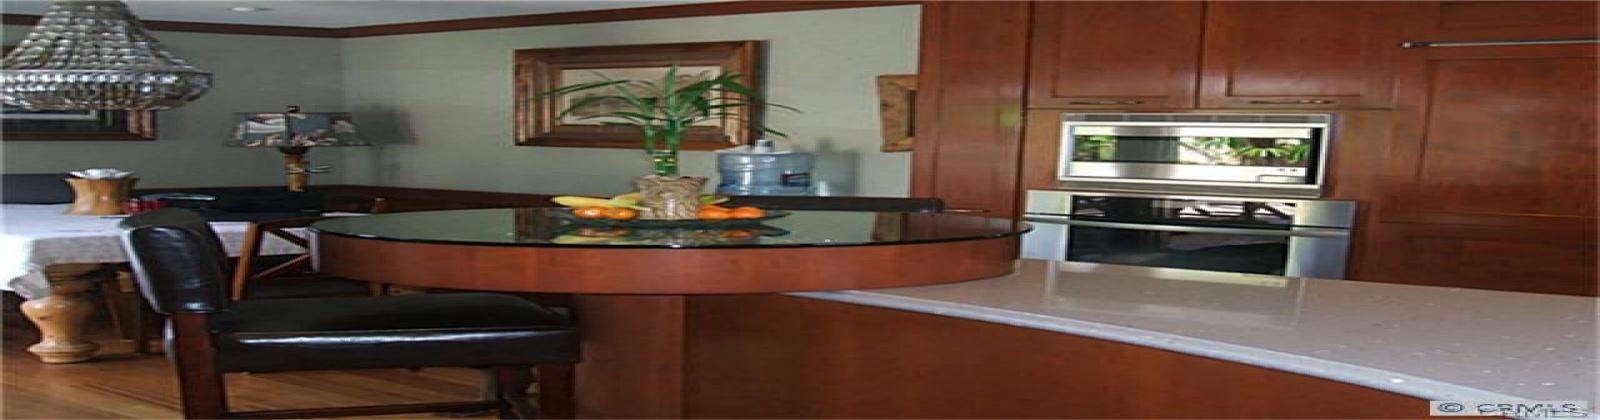 23831 IONIAN BAY, Dana Point, California 92629, 3 Bedrooms Bedrooms, ,2 BathroomsBathrooms,Home,Leased,IONIAN BAY,1310